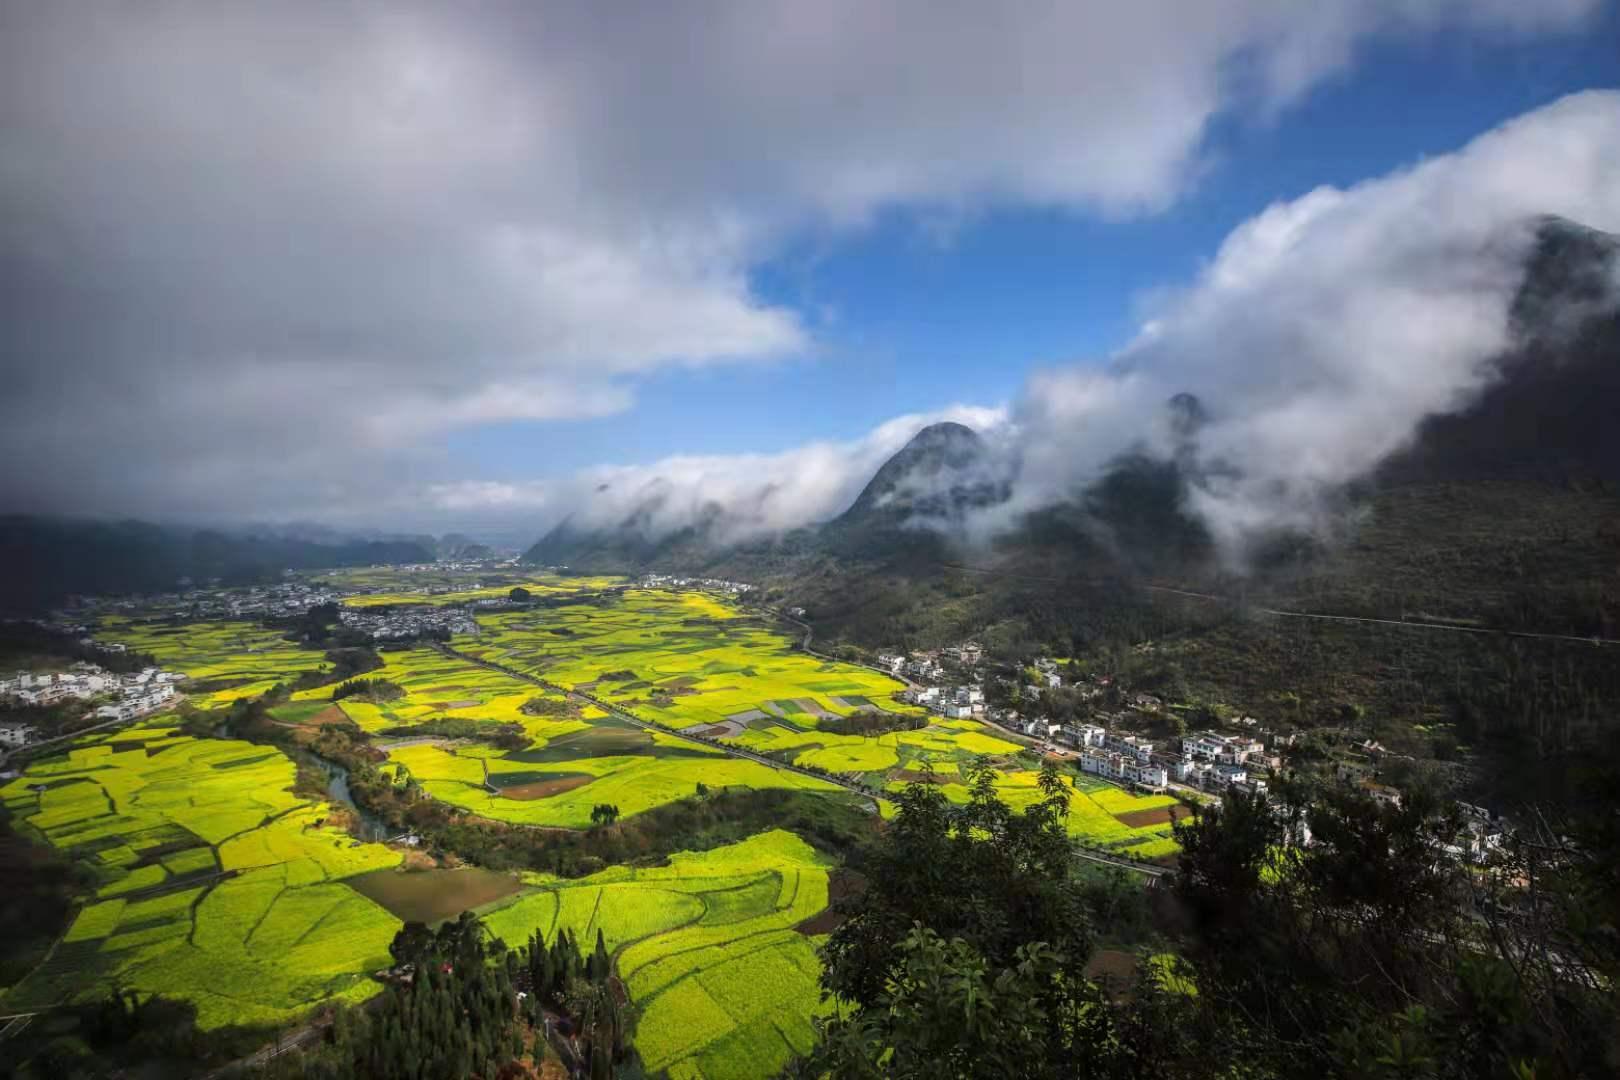 恒行,今日15时起贵州省黔西南州景区景点全恒行部图片